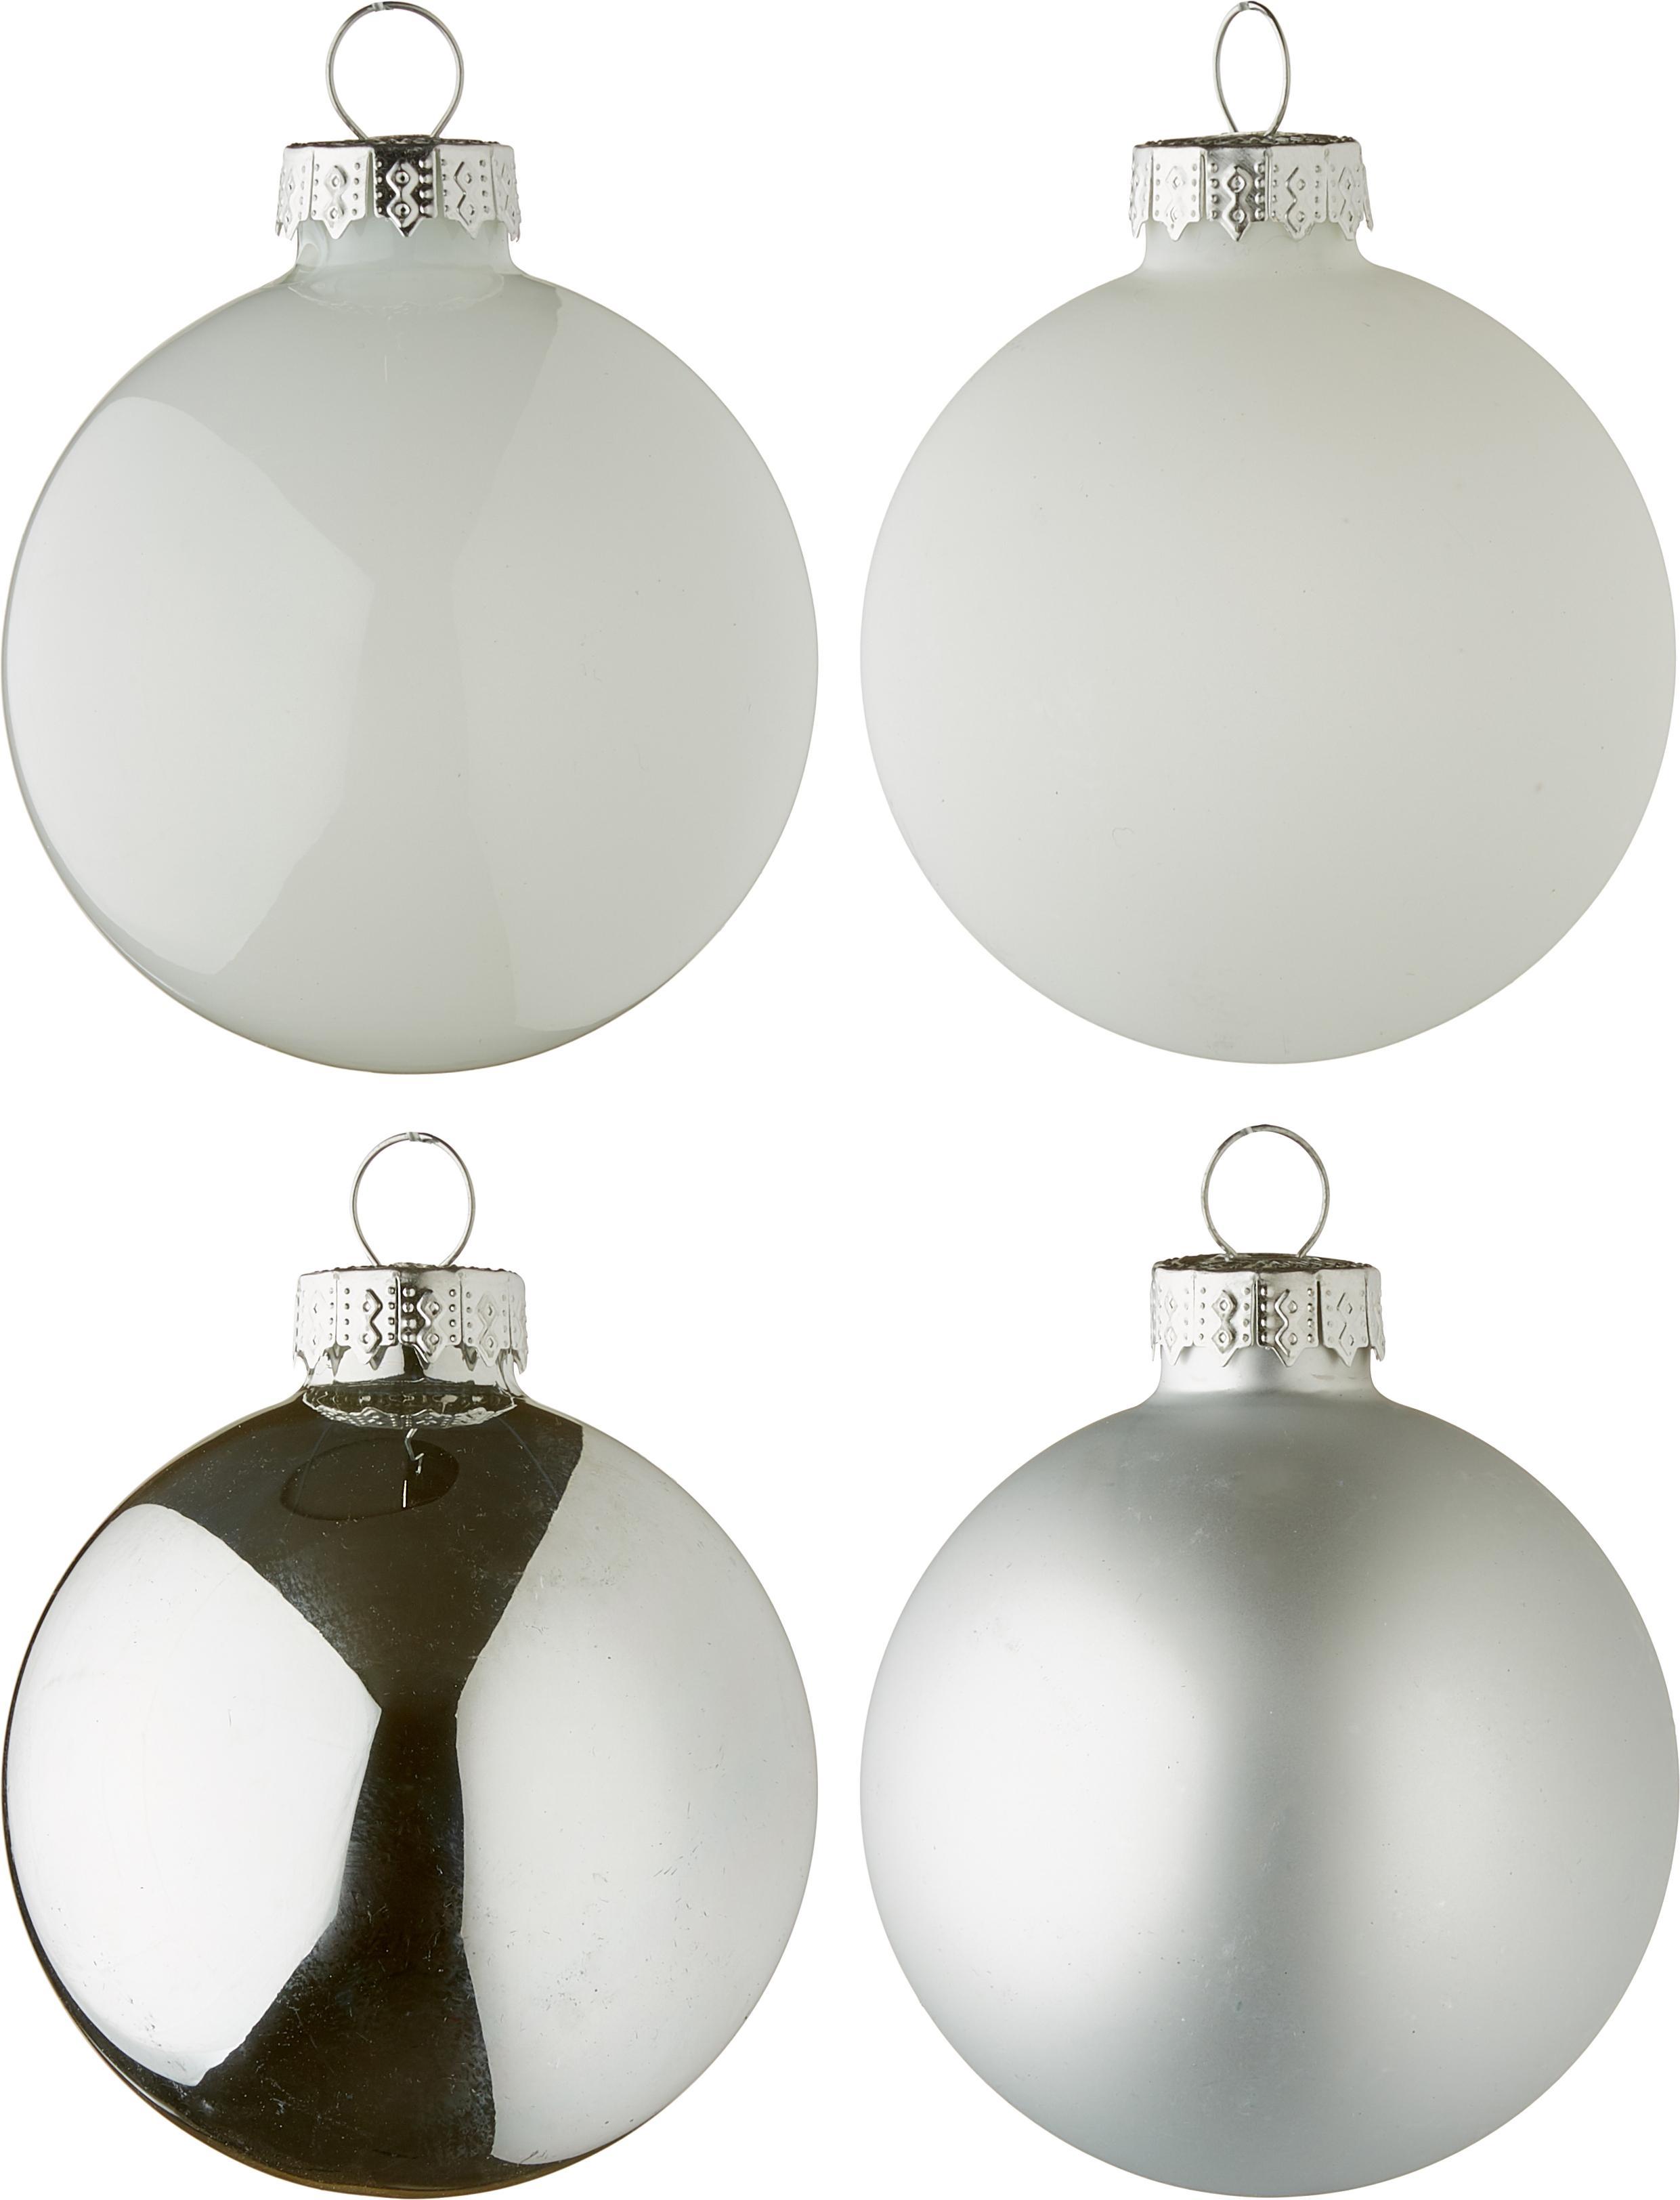 Weihnachtskugel-Set Lorene, 24 tlg., Silberfarben, Weiß, matt und glänzend, Ø 6 cm